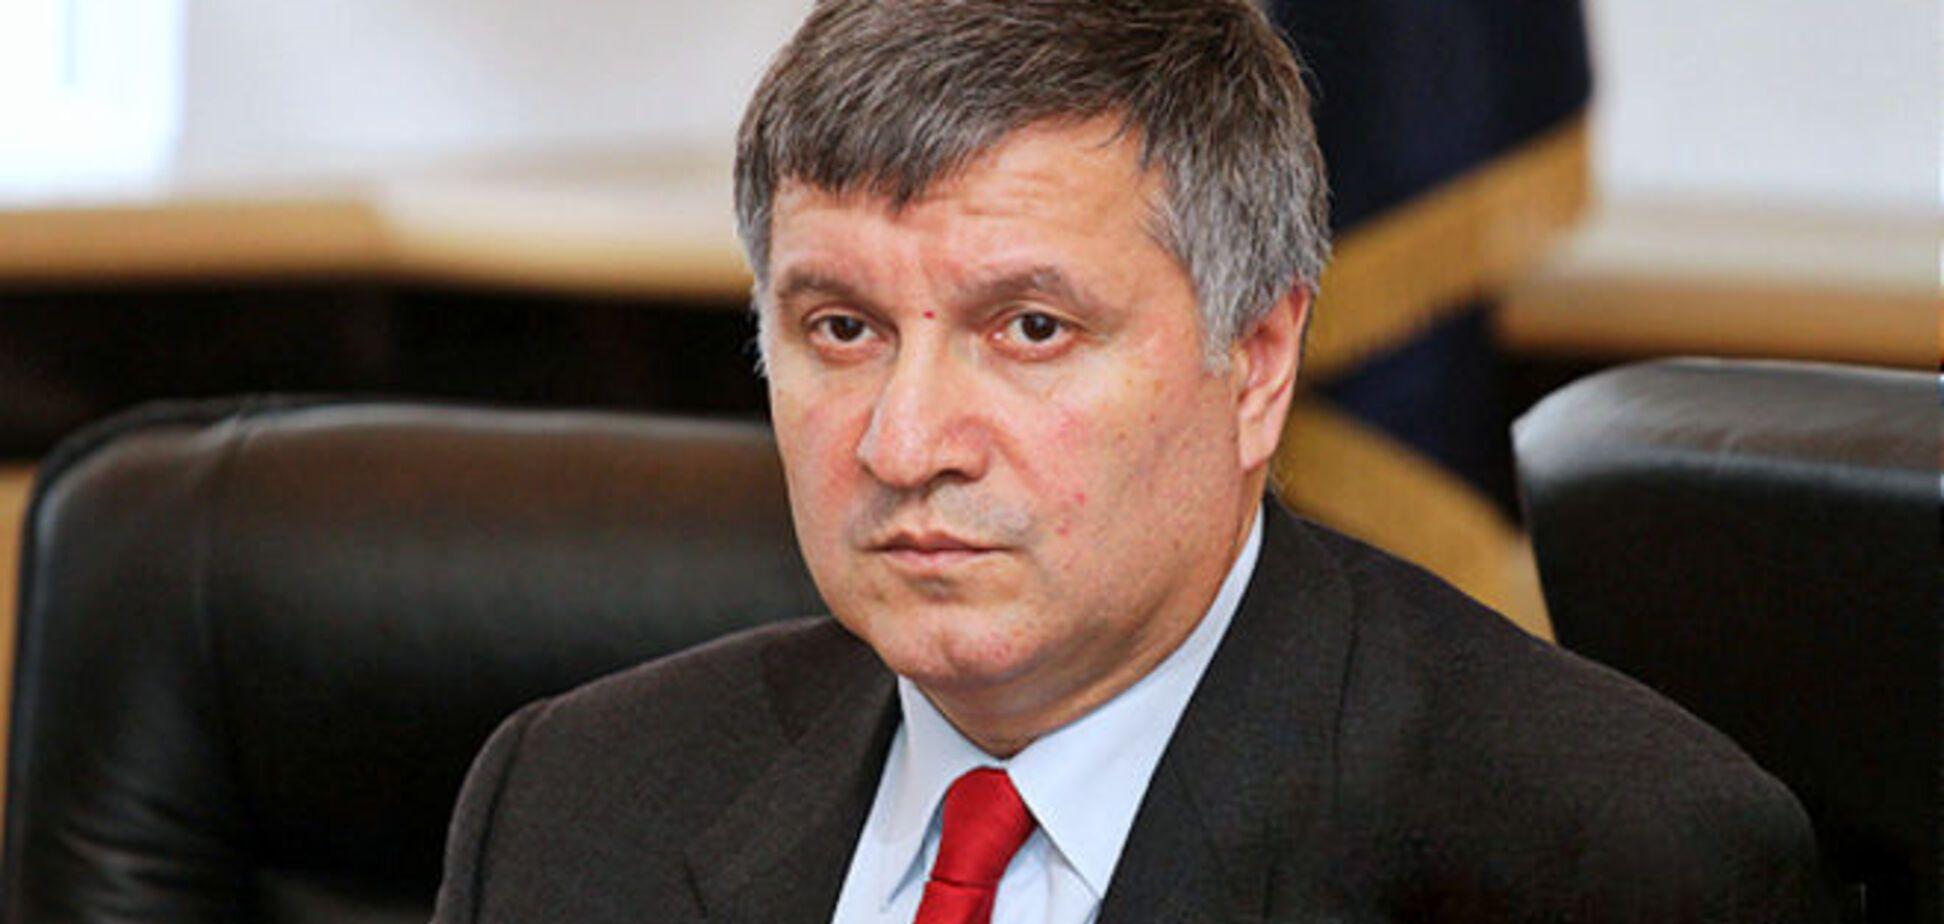 Заступник мера Тернополя підпалив будівлю міськради, щоб уникнути відповідальності - Аваков